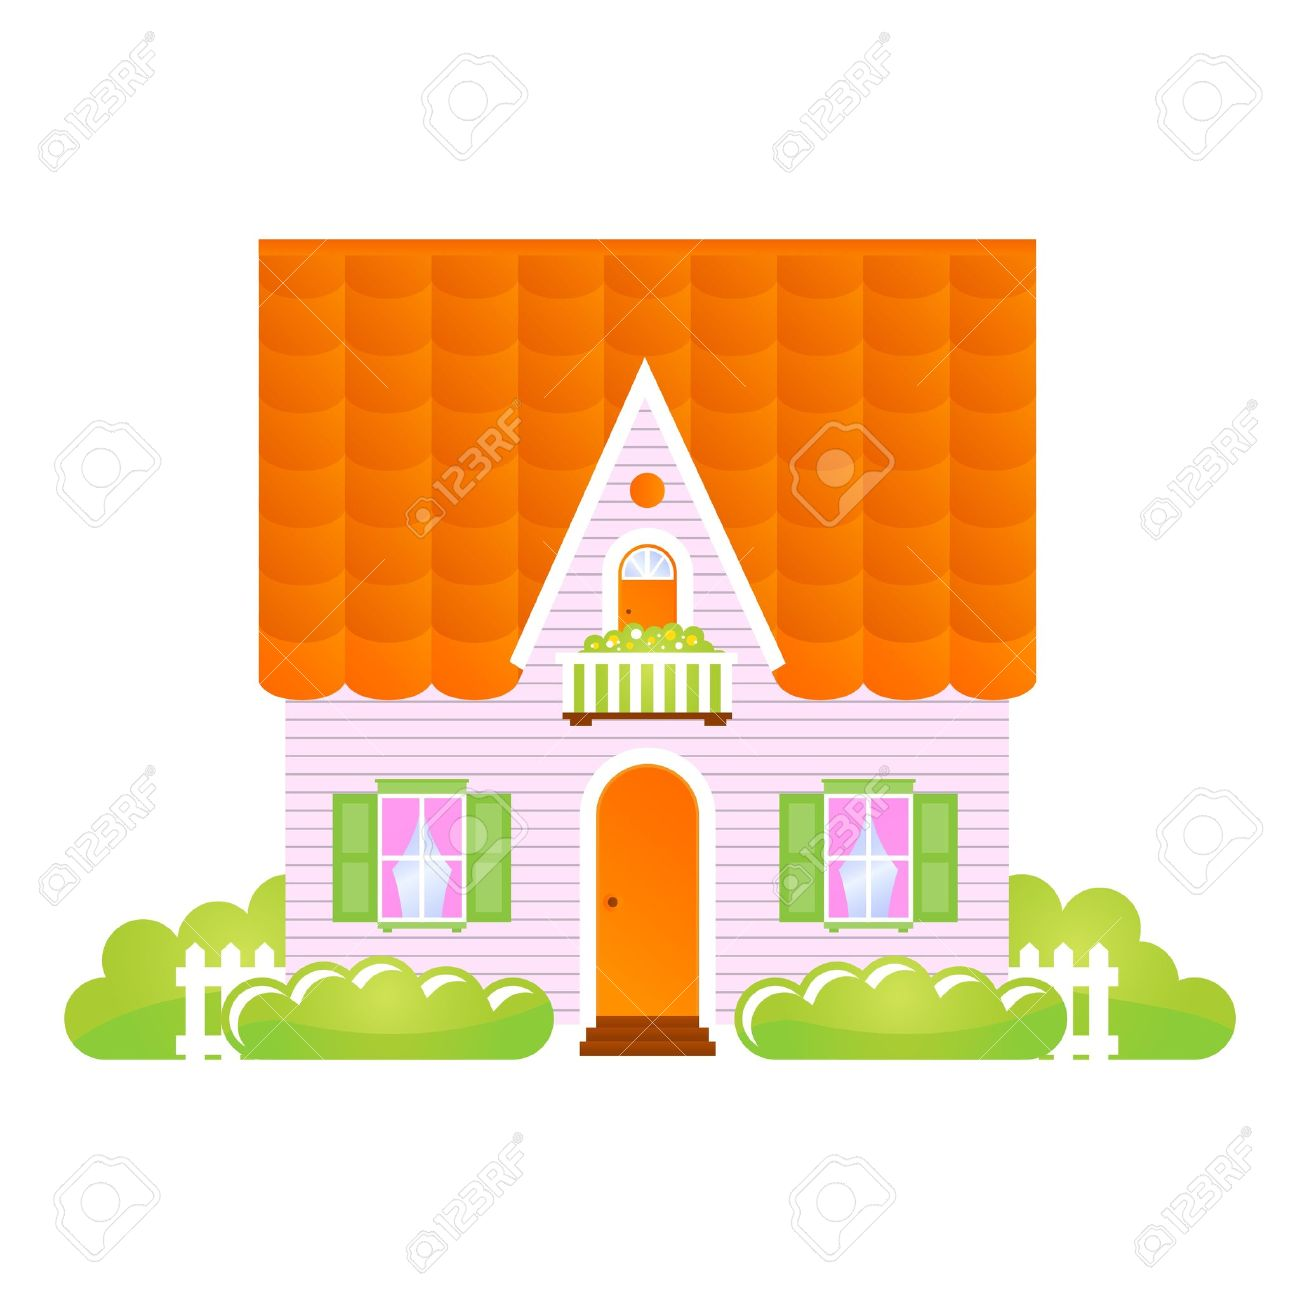 瓦屋根の小さな家イラストのイラスト素材ベクタ Image 9832842